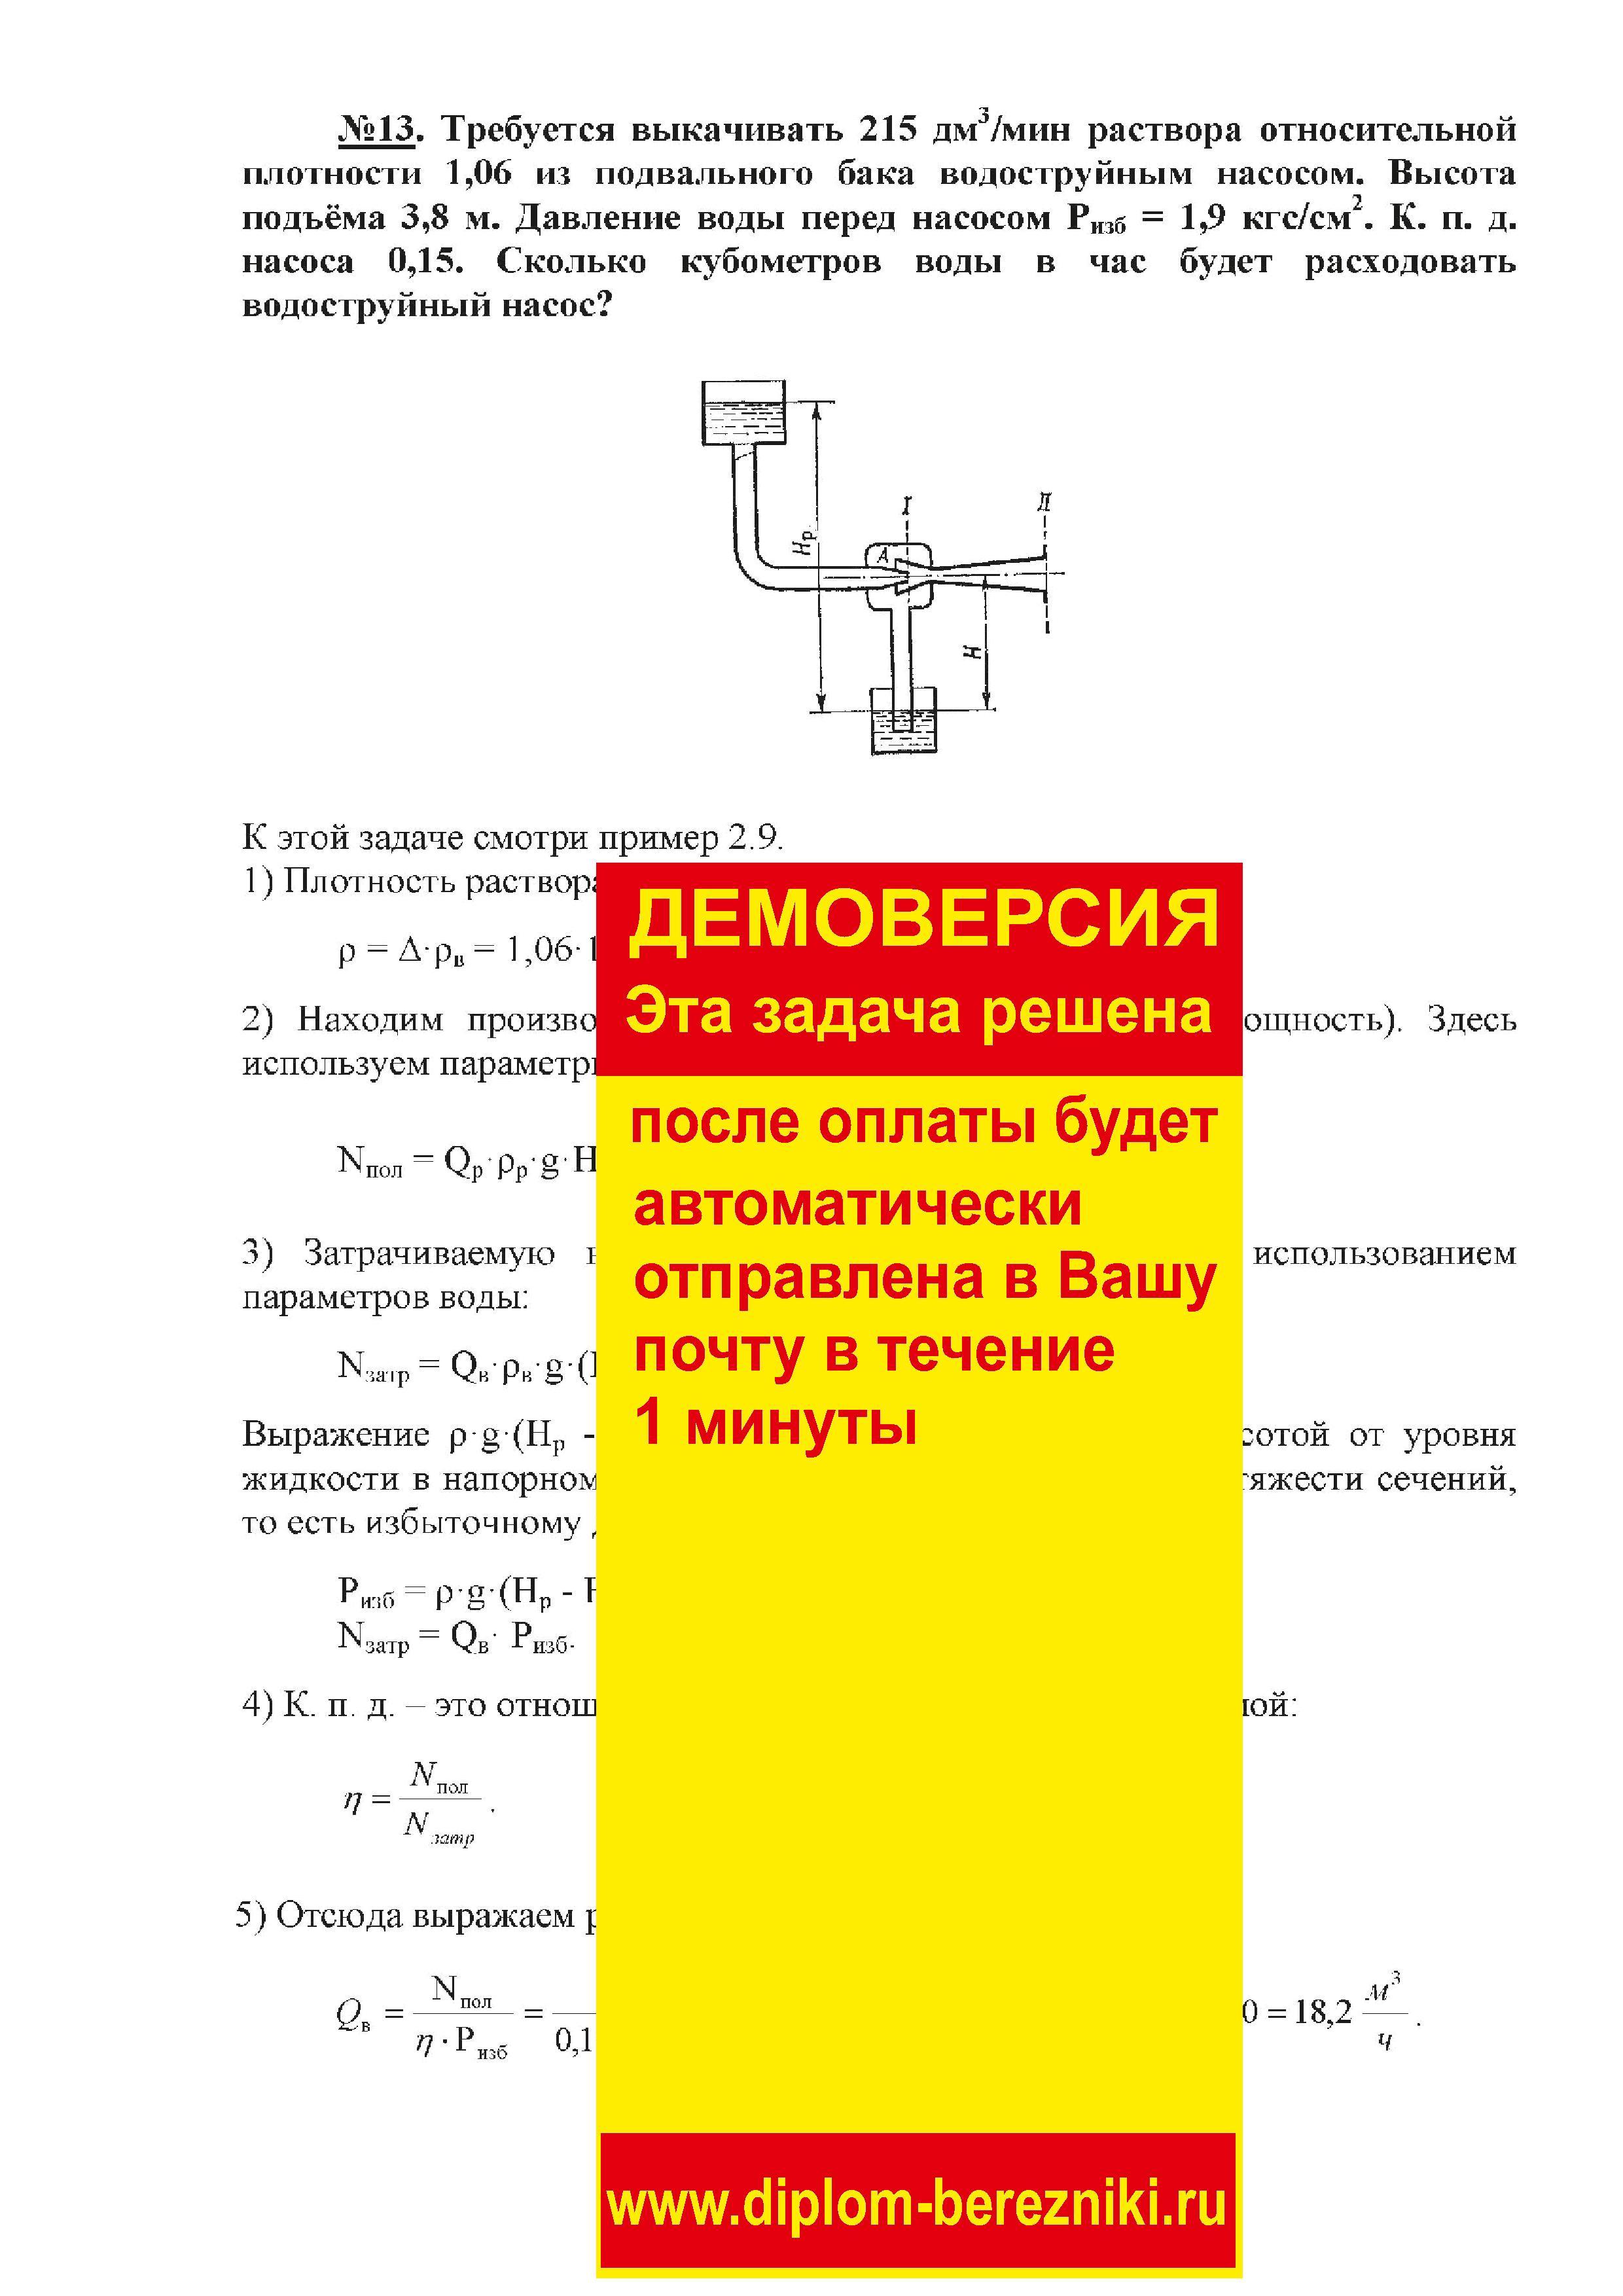 Решение задачи 2.13 по ПАХТ из задачника Павлова Романкова Носкова